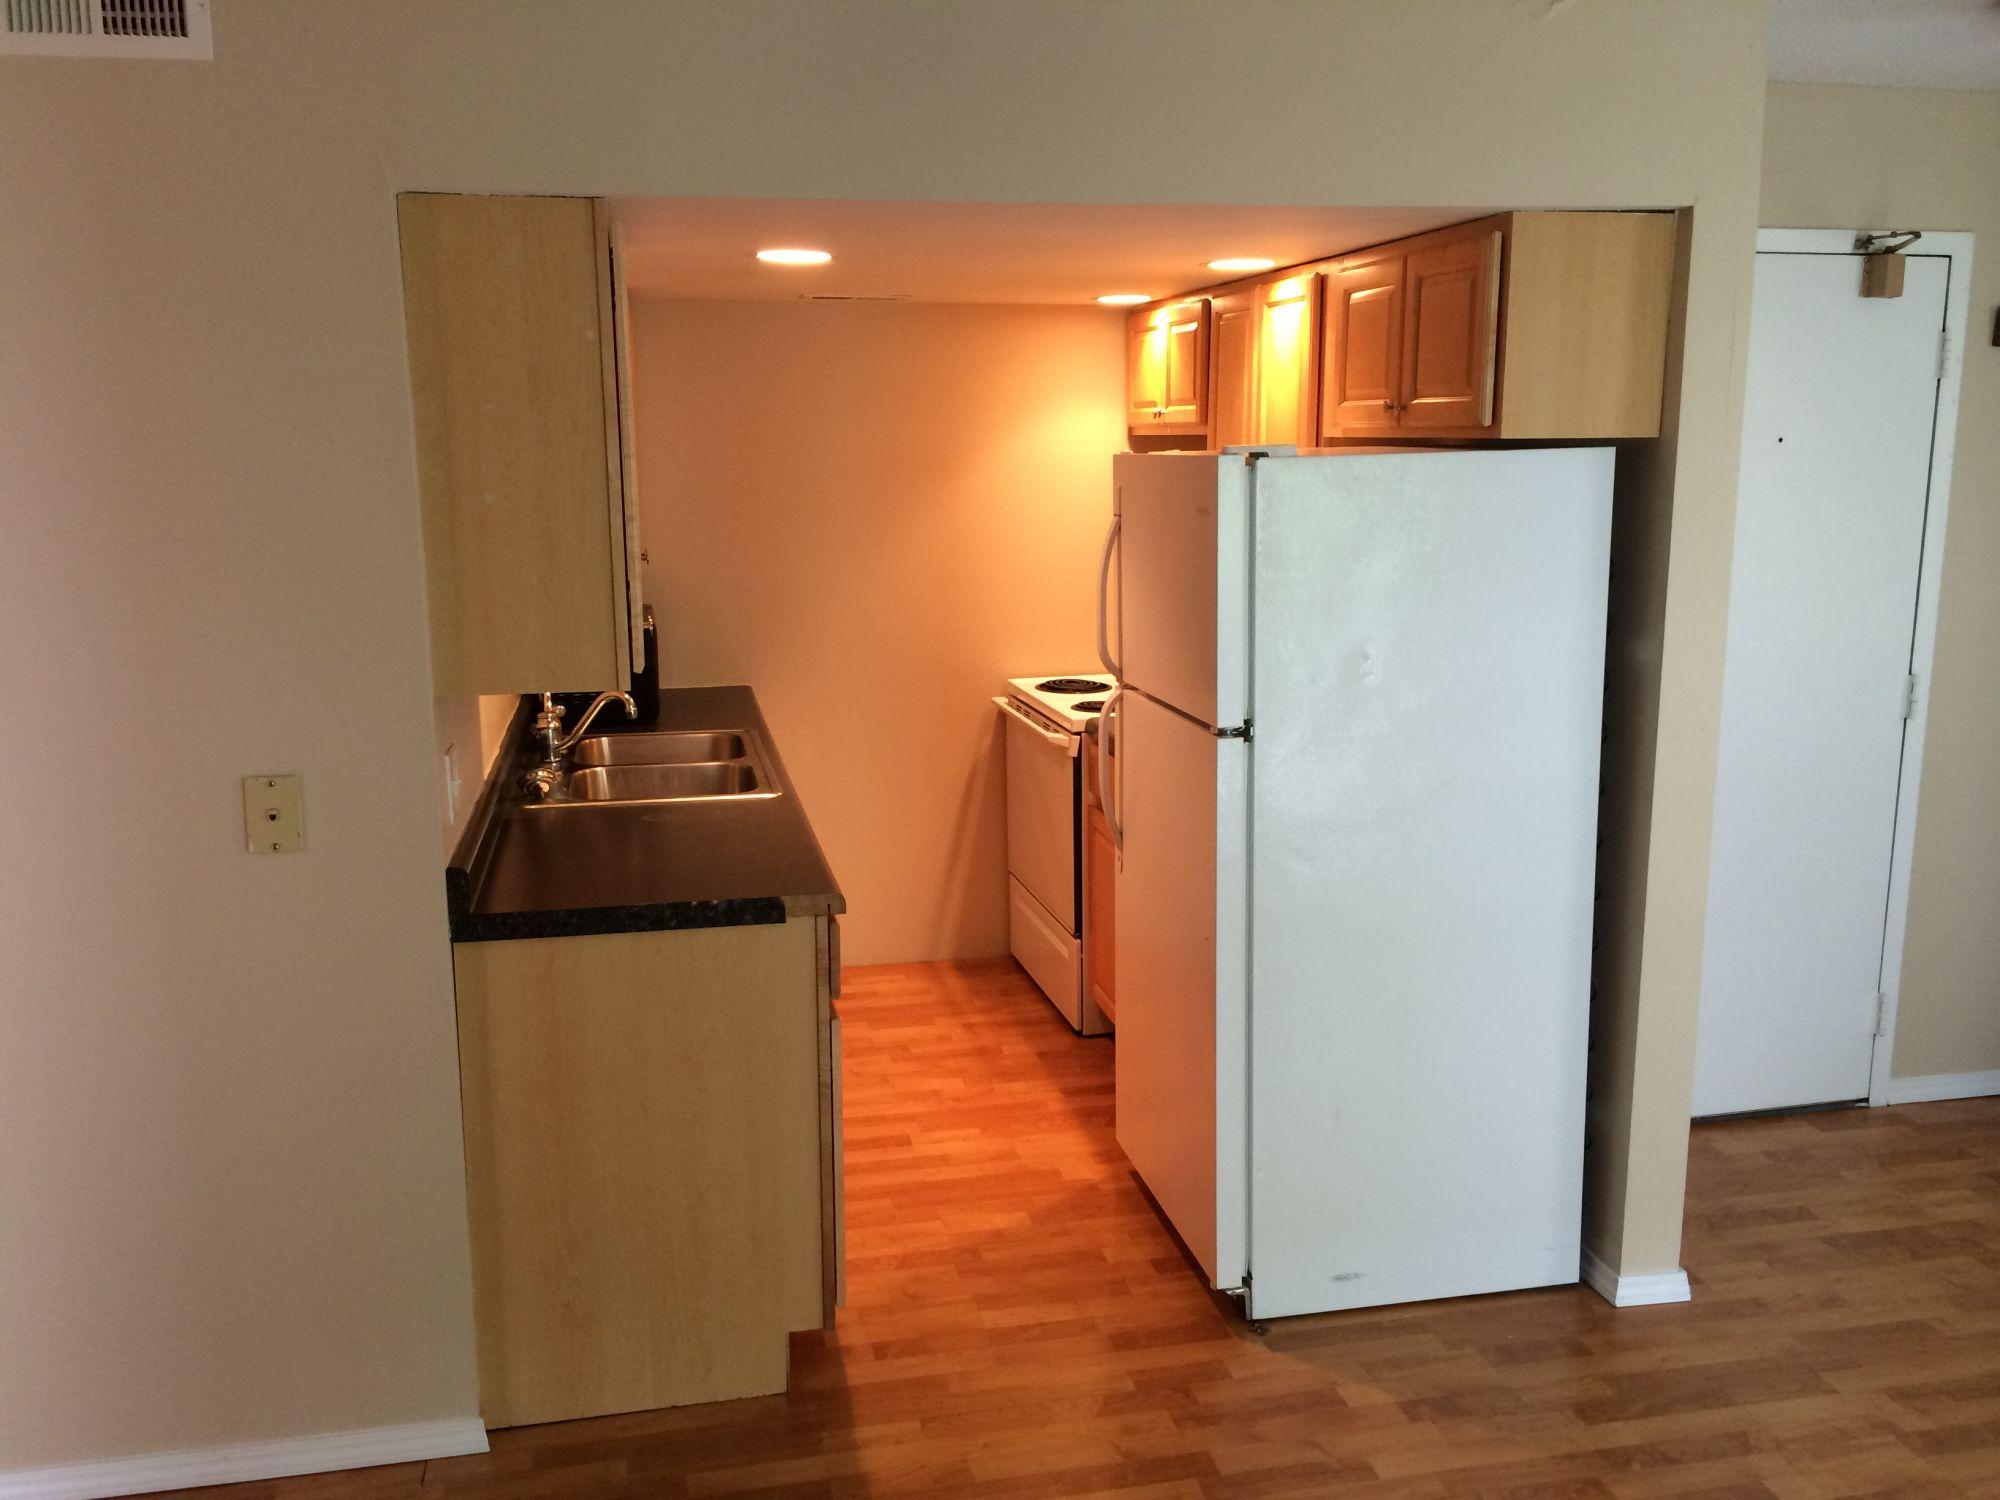 Apartments Near Champaign 810 S. Oak St for Champaign Students in Champaign, IL